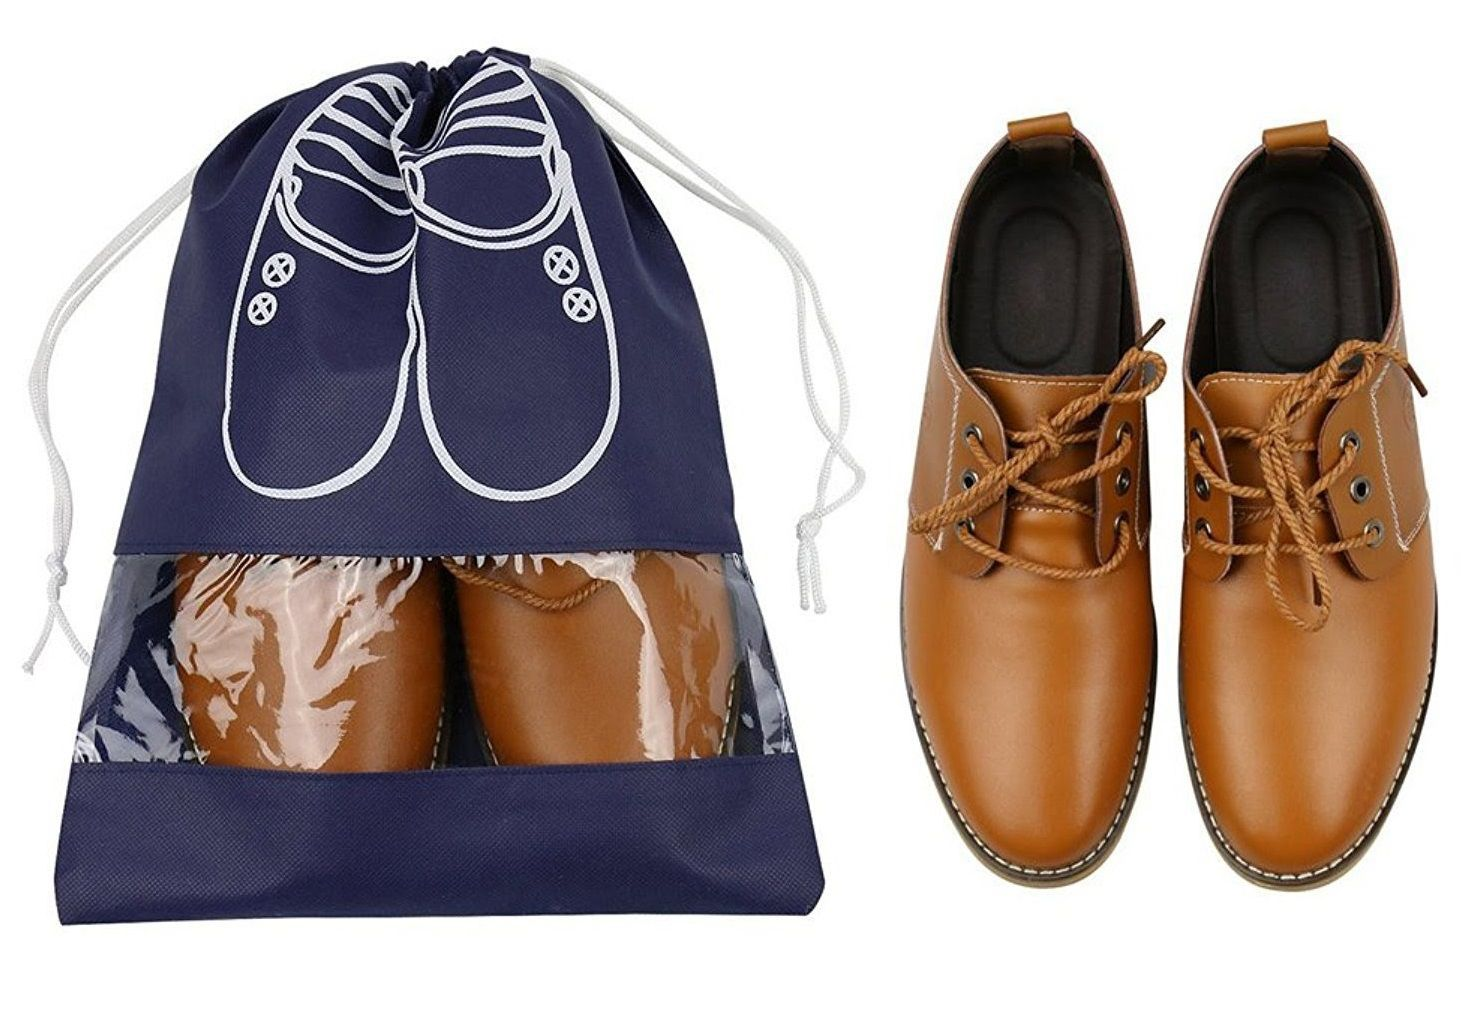 Saquinho de tnt personalizado para sapato - Tamanho  30x40 - com visor de pvc cristal personalizado em serigrafia 1 cor - Linha Classic  1448  - Litex Embalagens